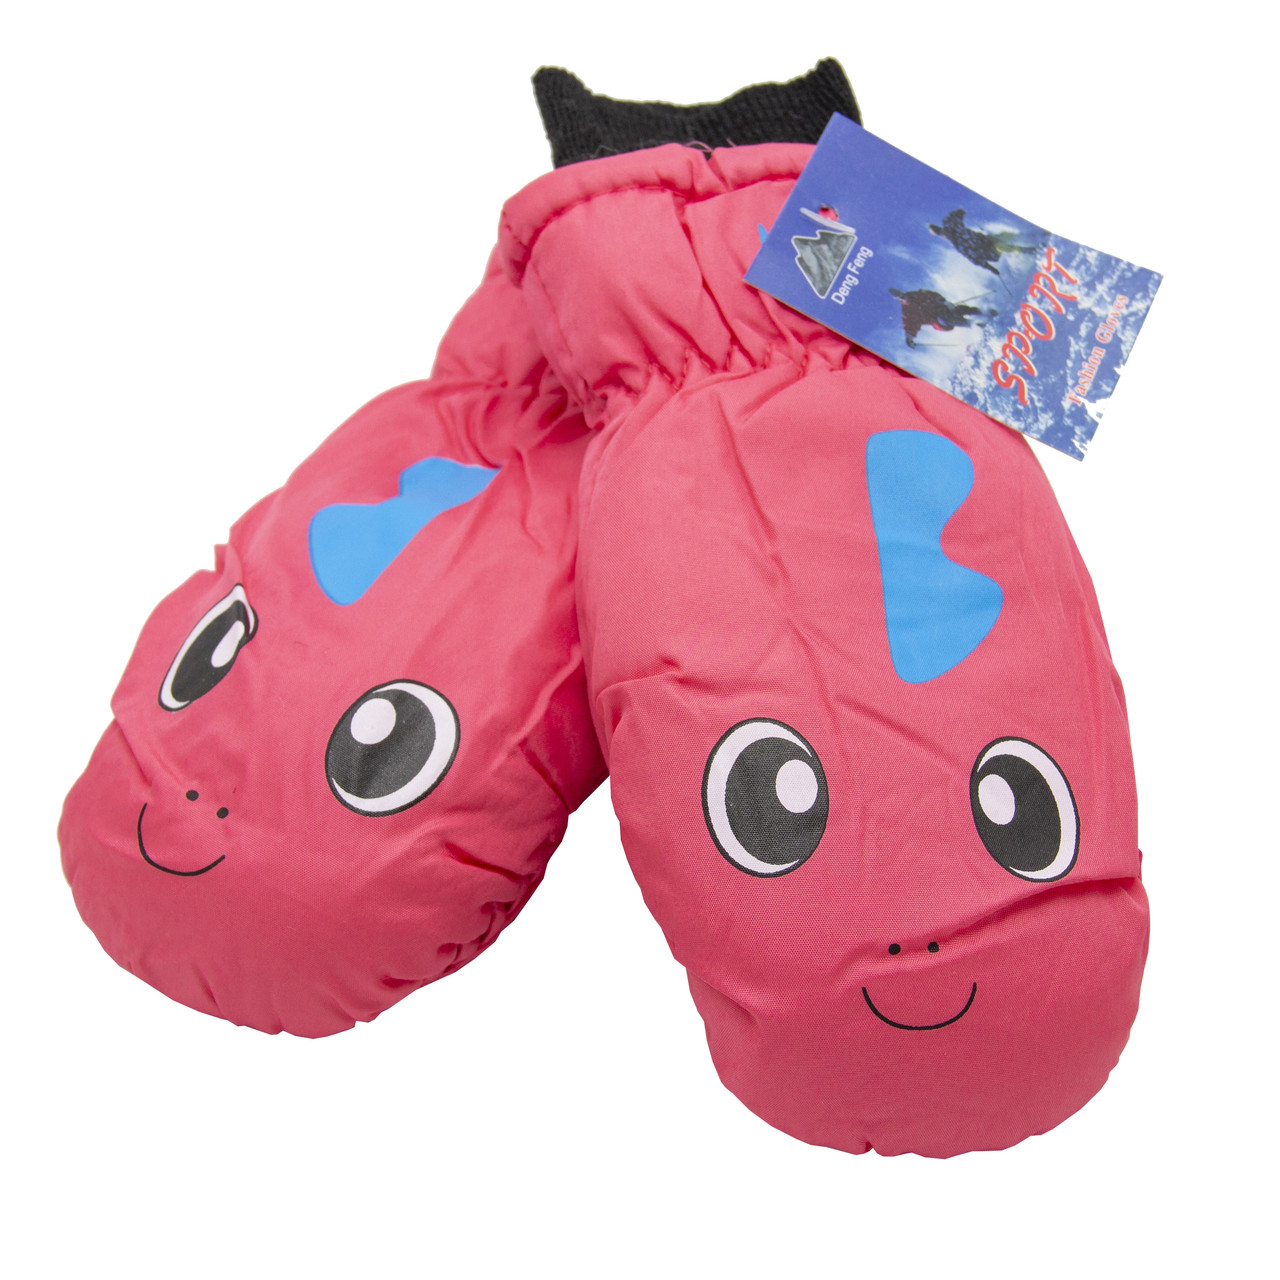 Водовідштовхуючі  дитячі лижні рукавиці, розмір 12, рожевий, плащівка, фліс, синтепон (517182)